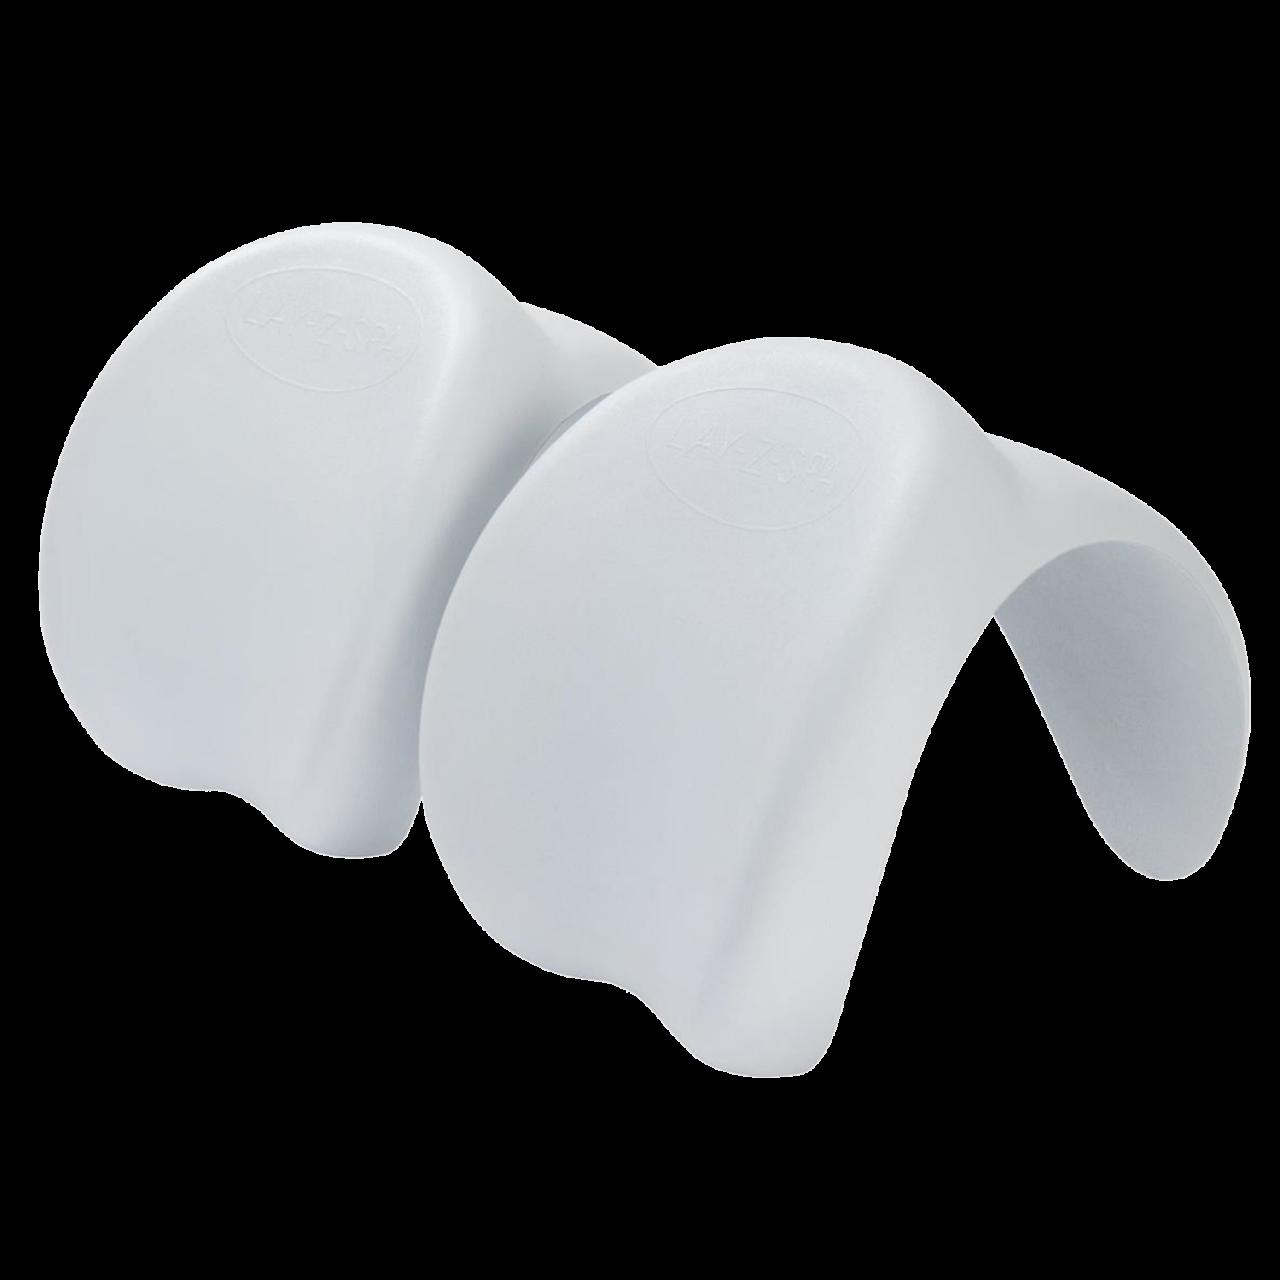 Bestway 60307 Lay-Z-Spa Nackenkissen Whirlpool Kissen Kopfstütze Relax 2 Stück